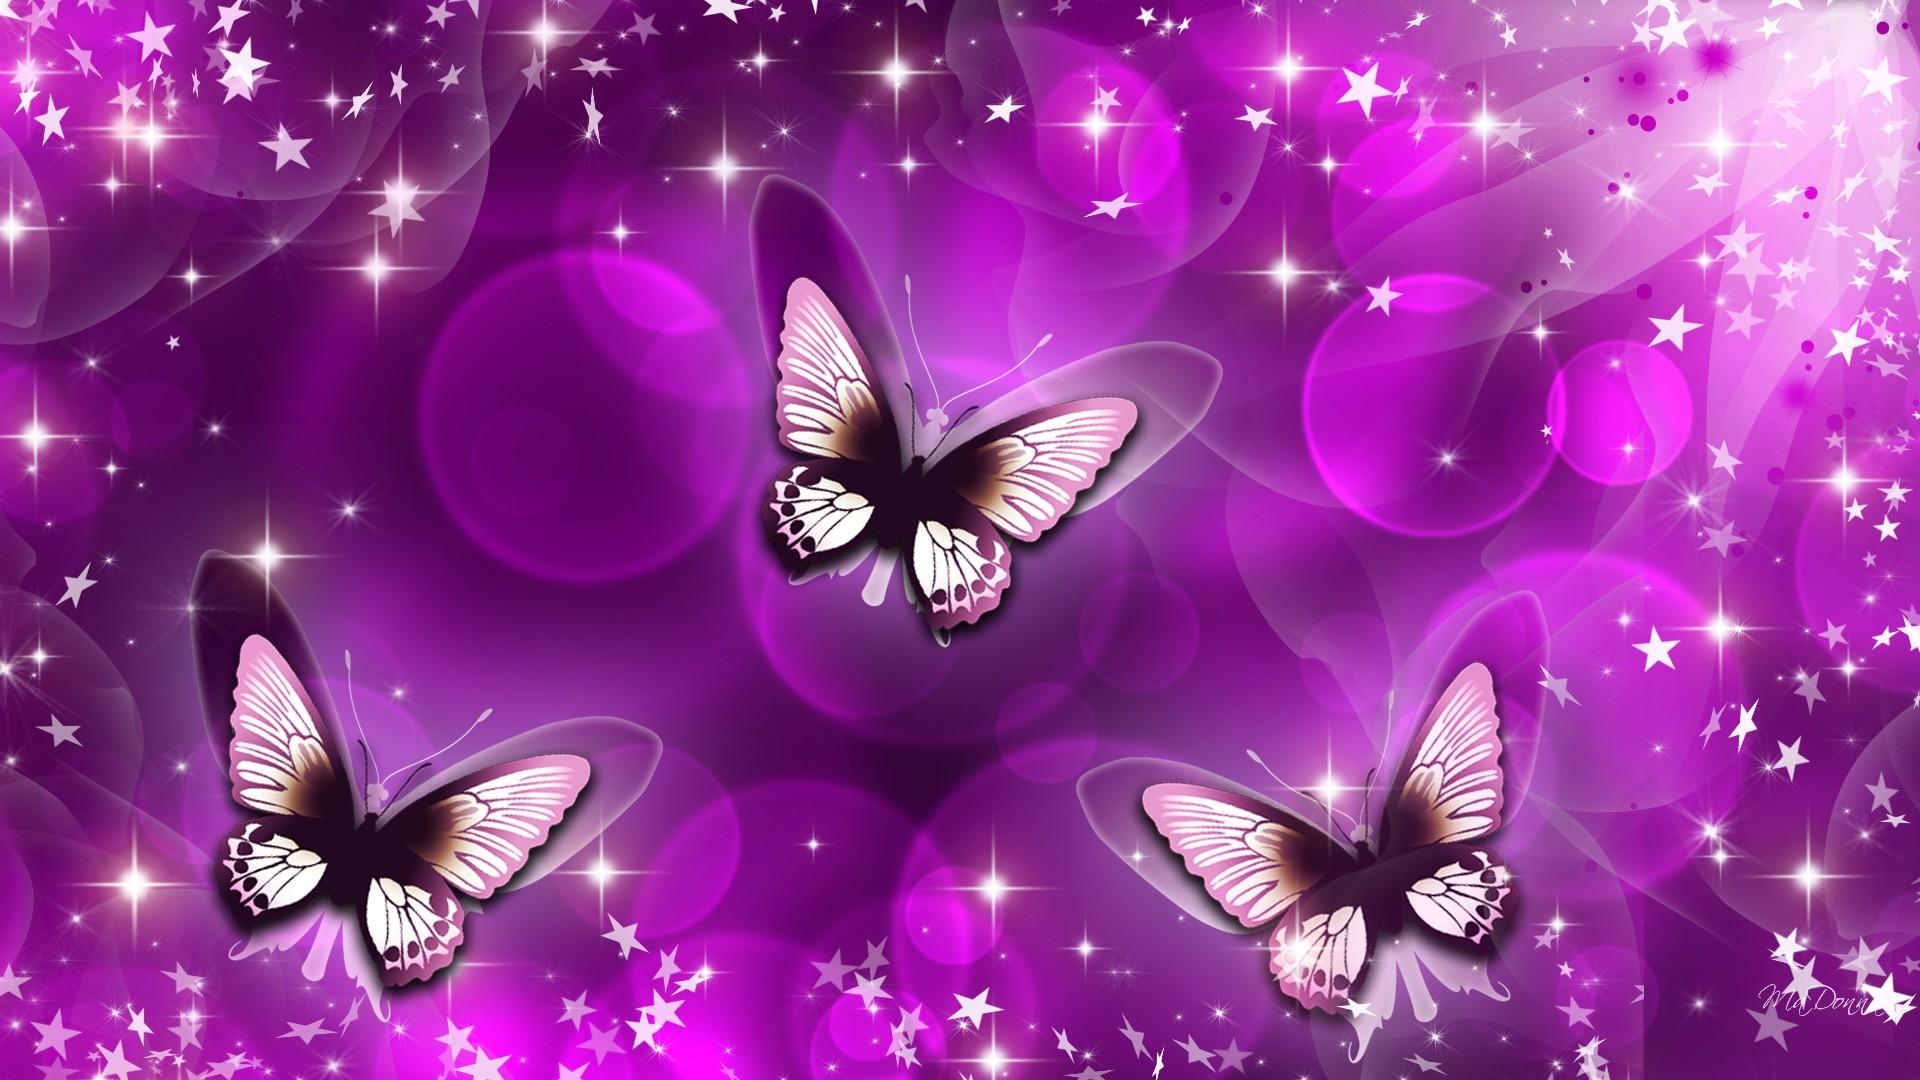 Butterfly Purple Art Wallpaper 11018 Wallpaper Cool Walldiskpaper 1920x1080